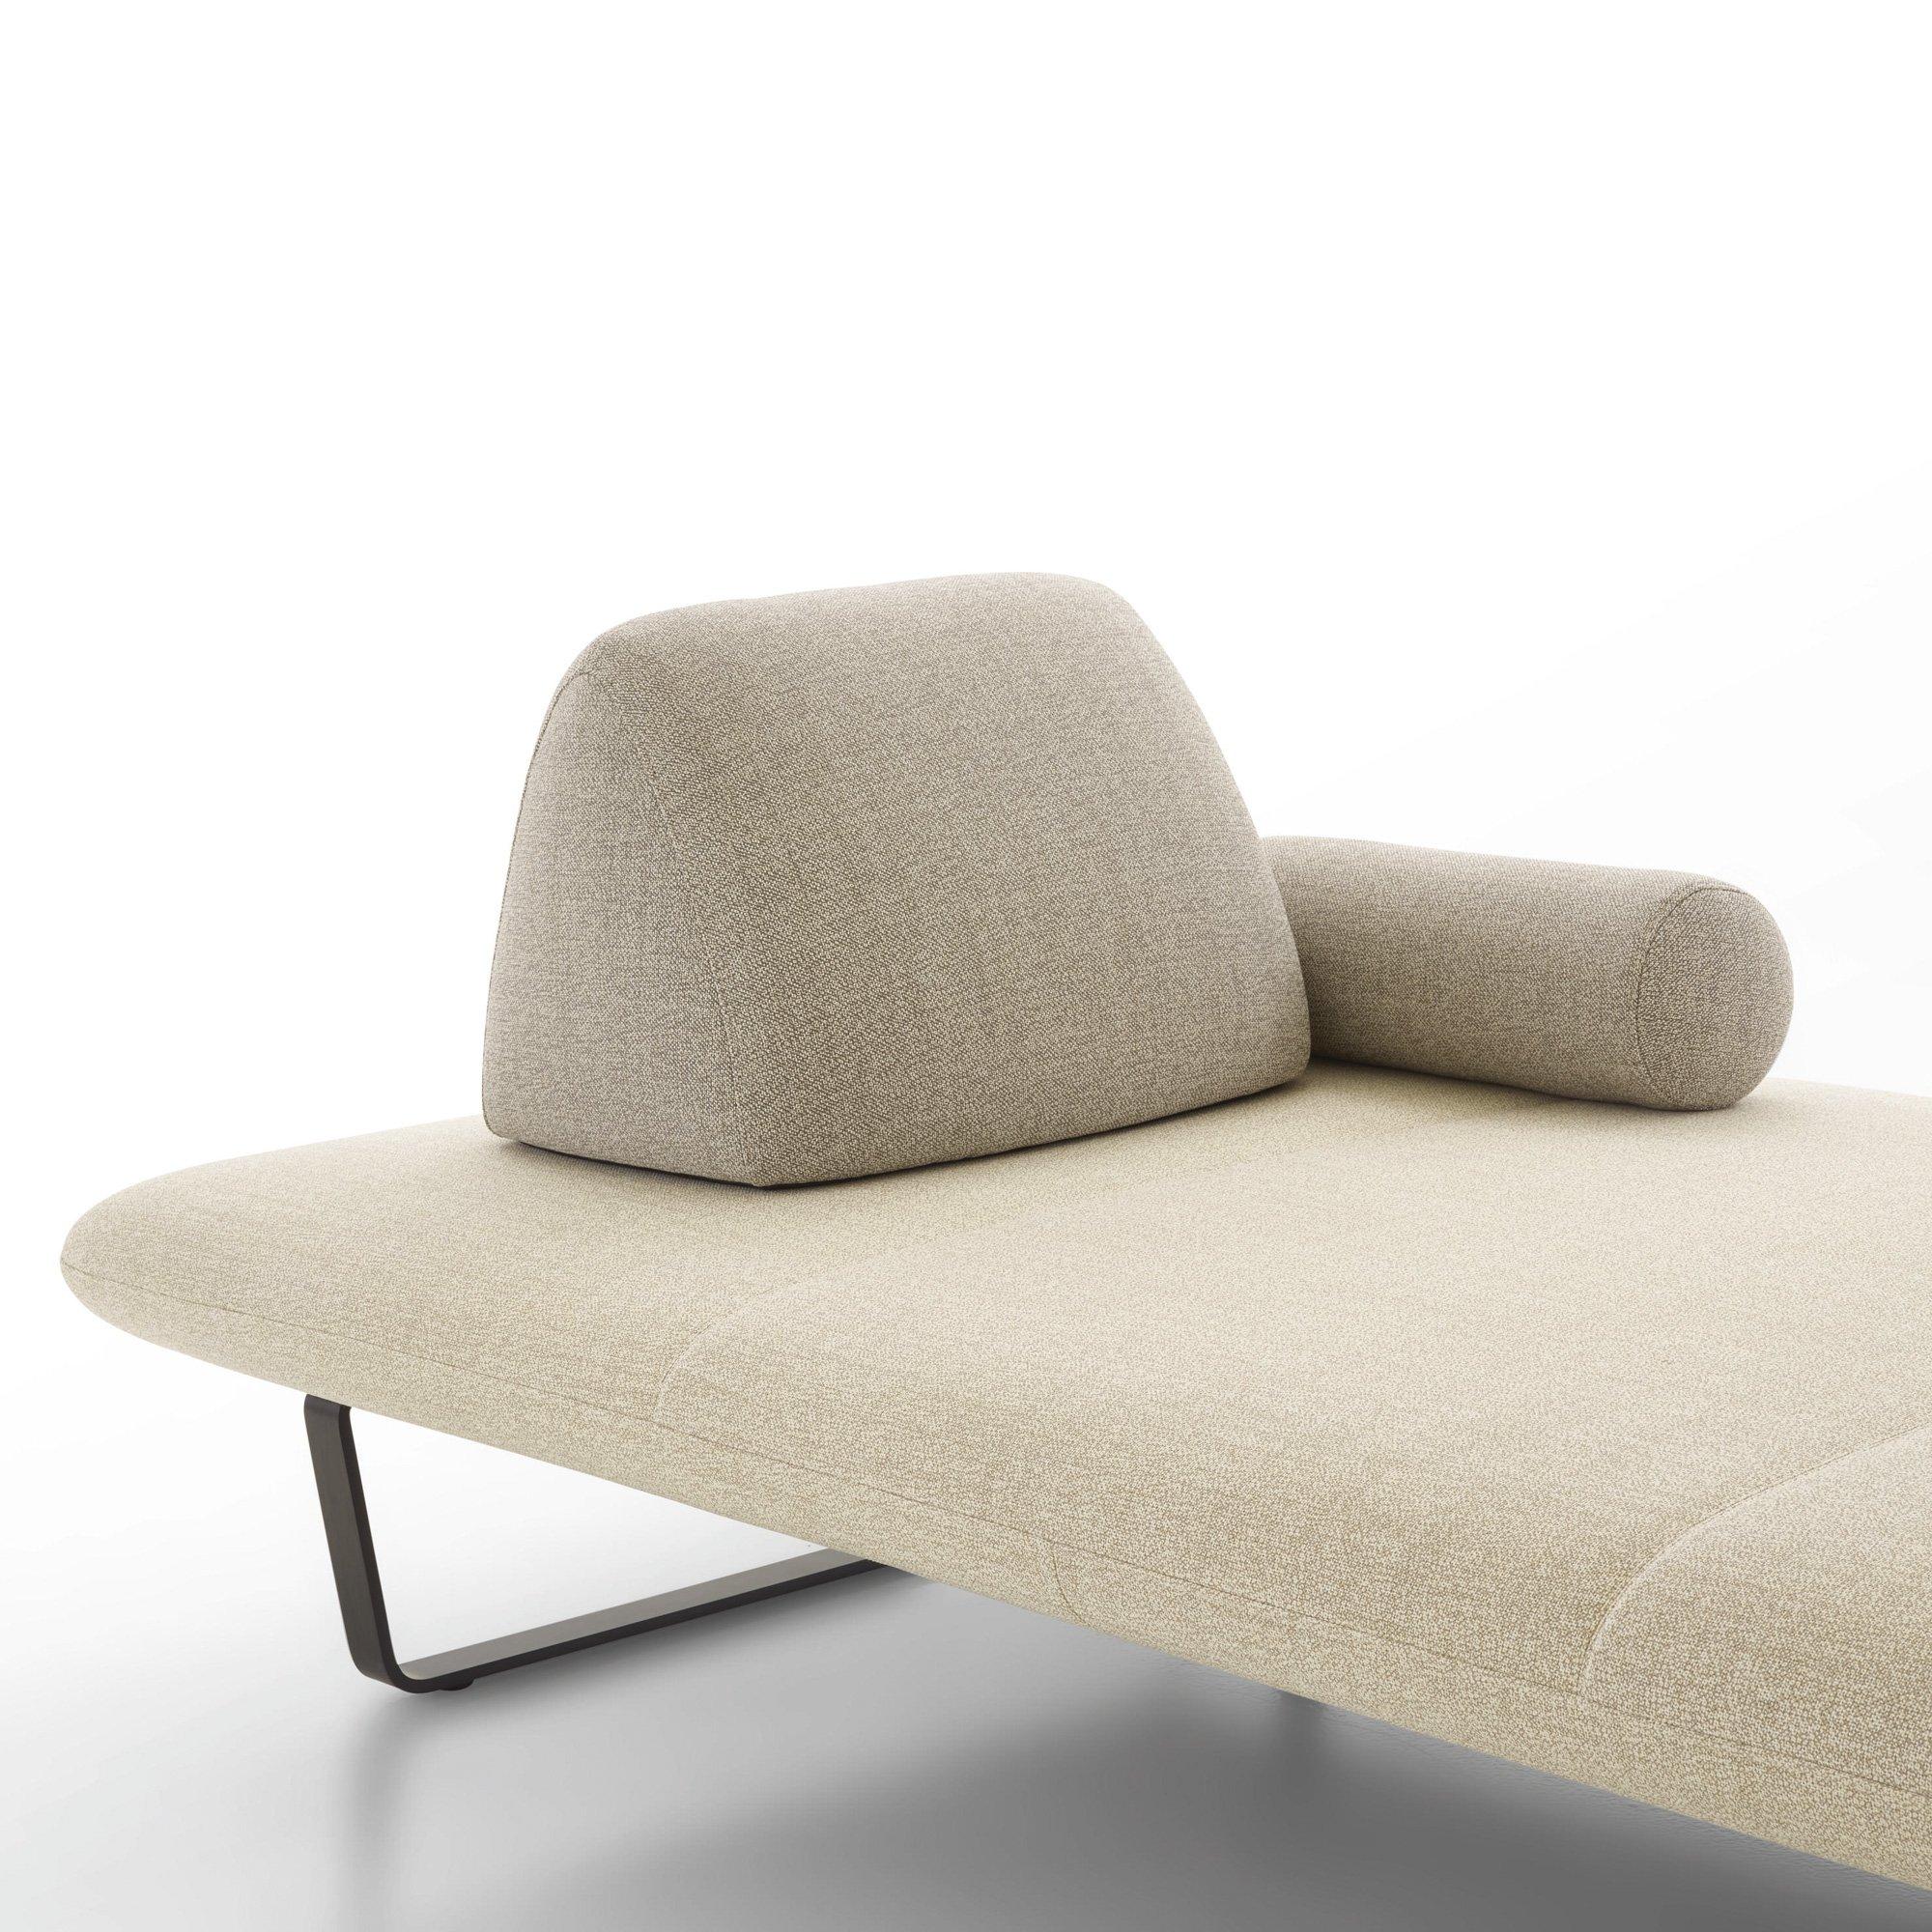 Gemütliches Outdoor-Sofa von Christian Werner für Ligne Roset